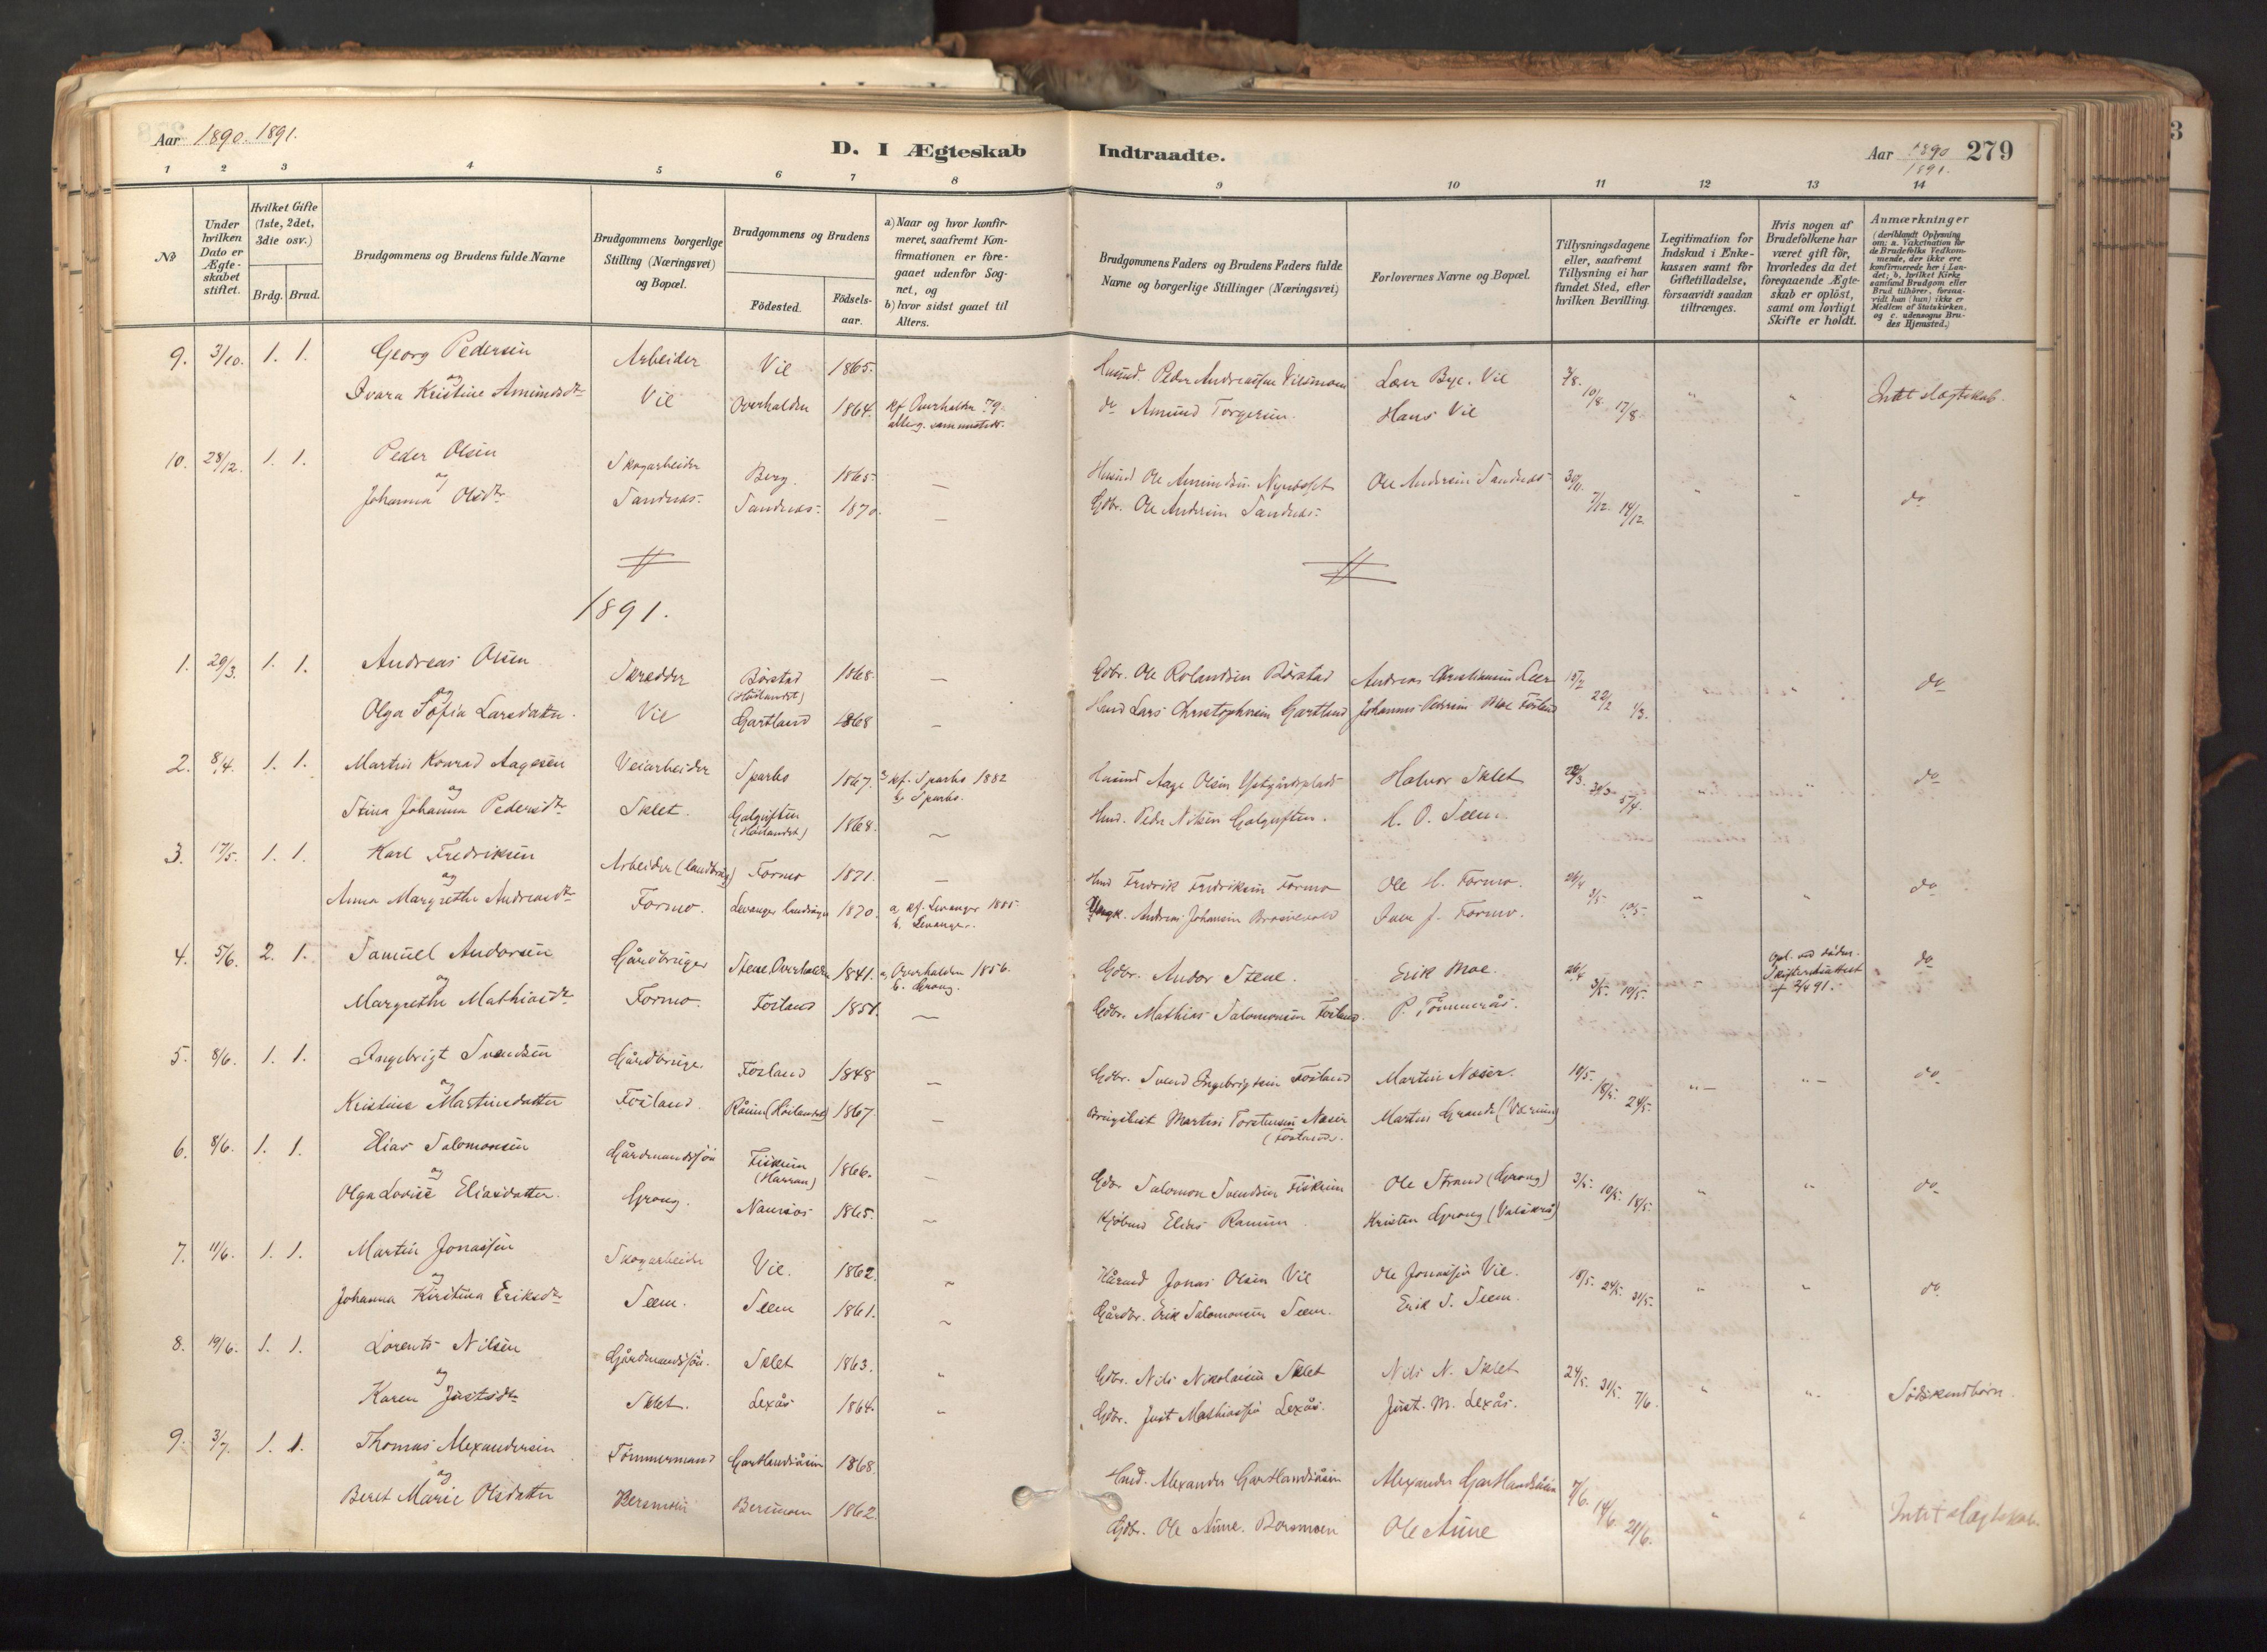 SAT, Ministerialprotokoller, klokkerbøker og fødselsregistre - Nord-Trøndelag, 758/L0519: Ministerialbok nr. 758A04, 1880-1926, s. 279